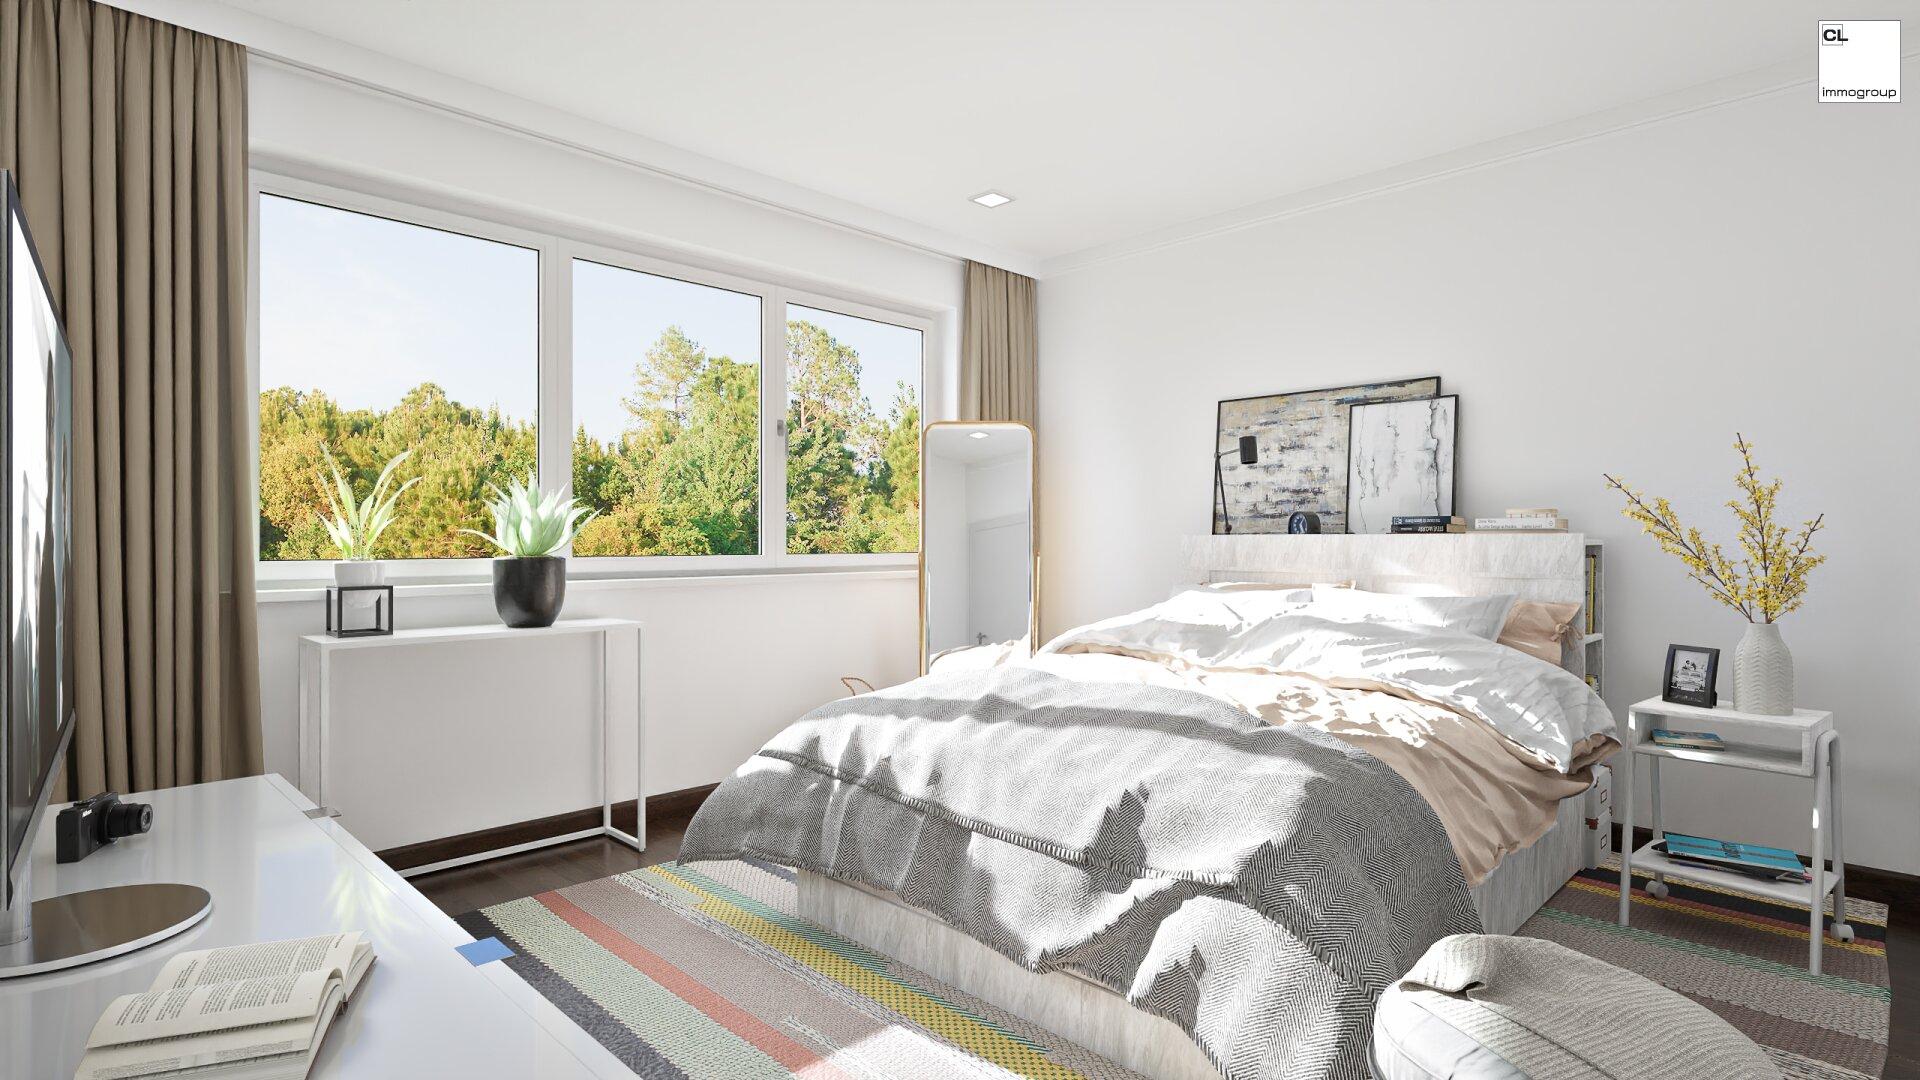 Schlafzimmer (Visualisierung)